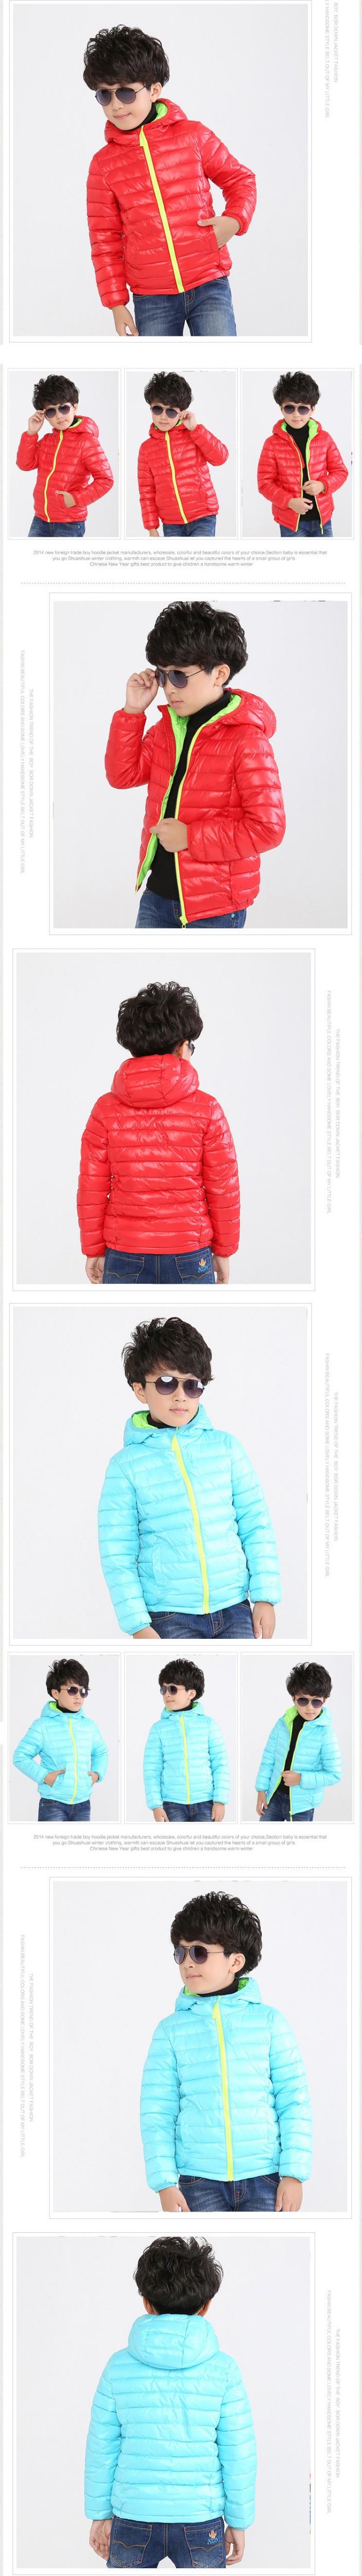 children winter jackets-2